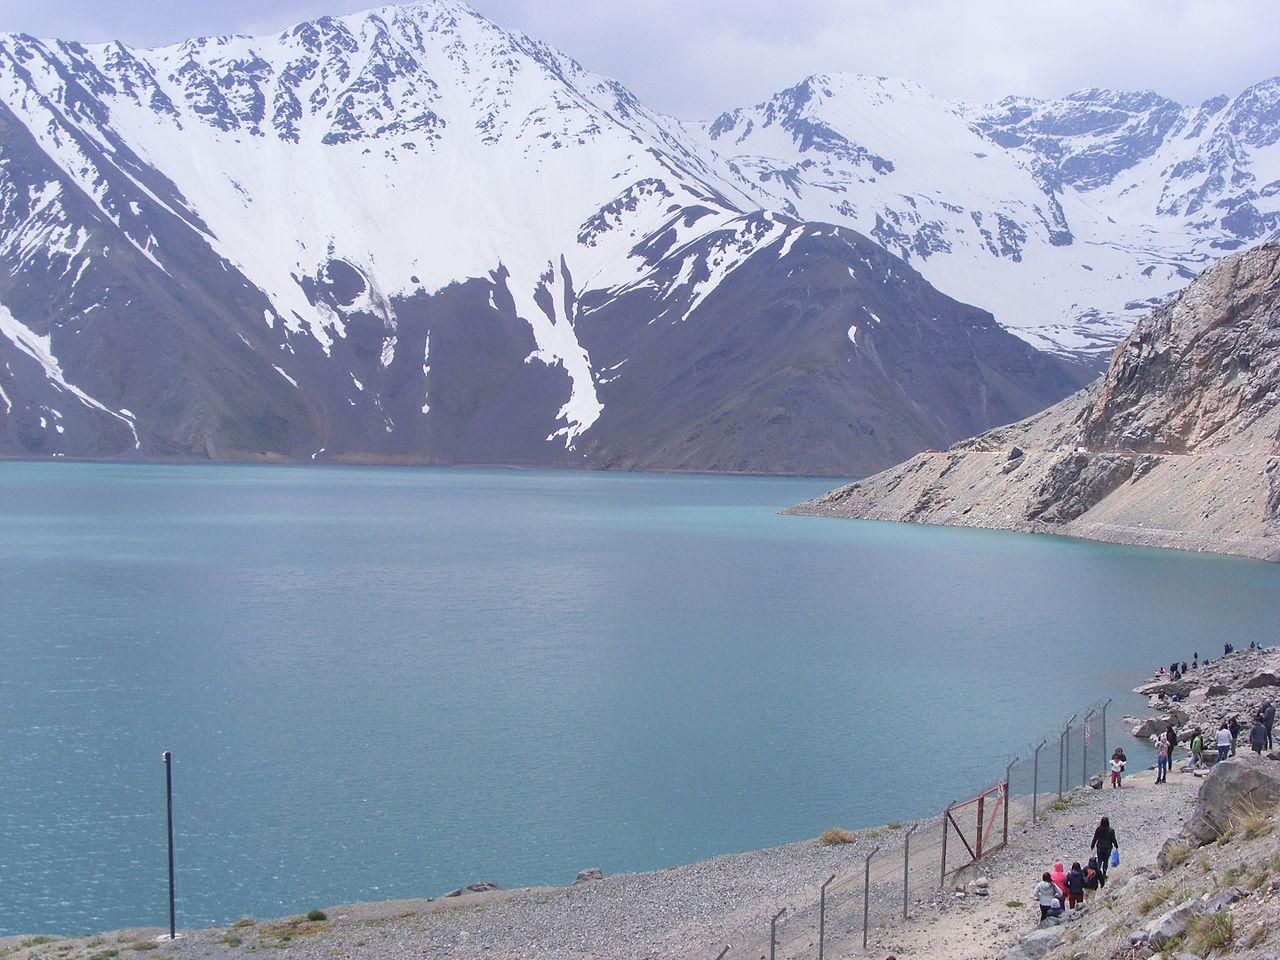 Turismo nos arredores de Santiago do Chile